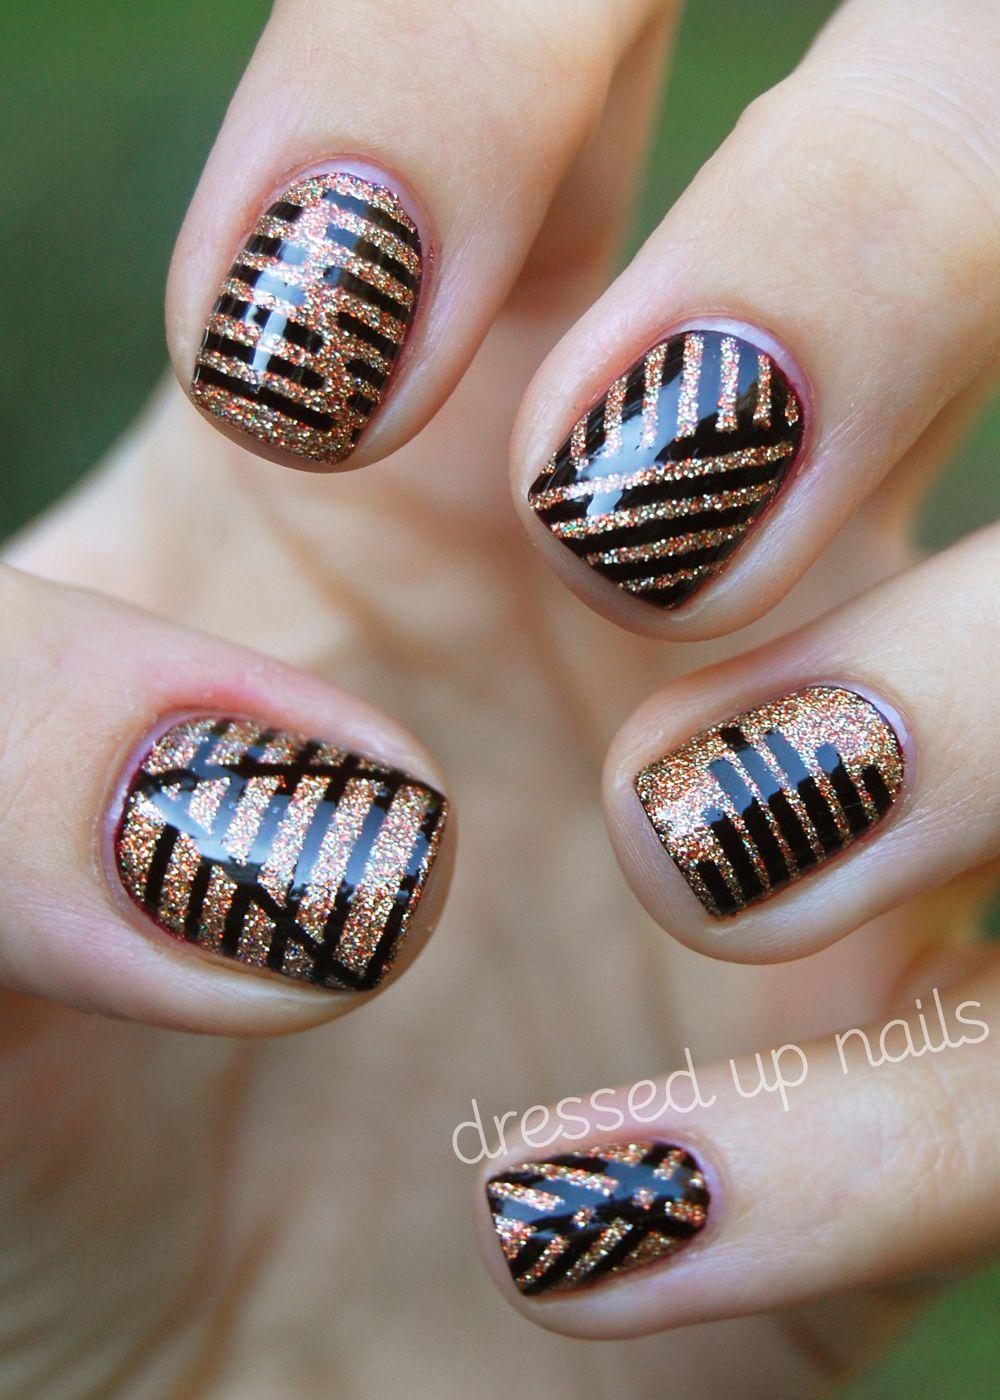 The Daily Nail: Reader Nail Art Week - Day 2 | I just did my nails ...